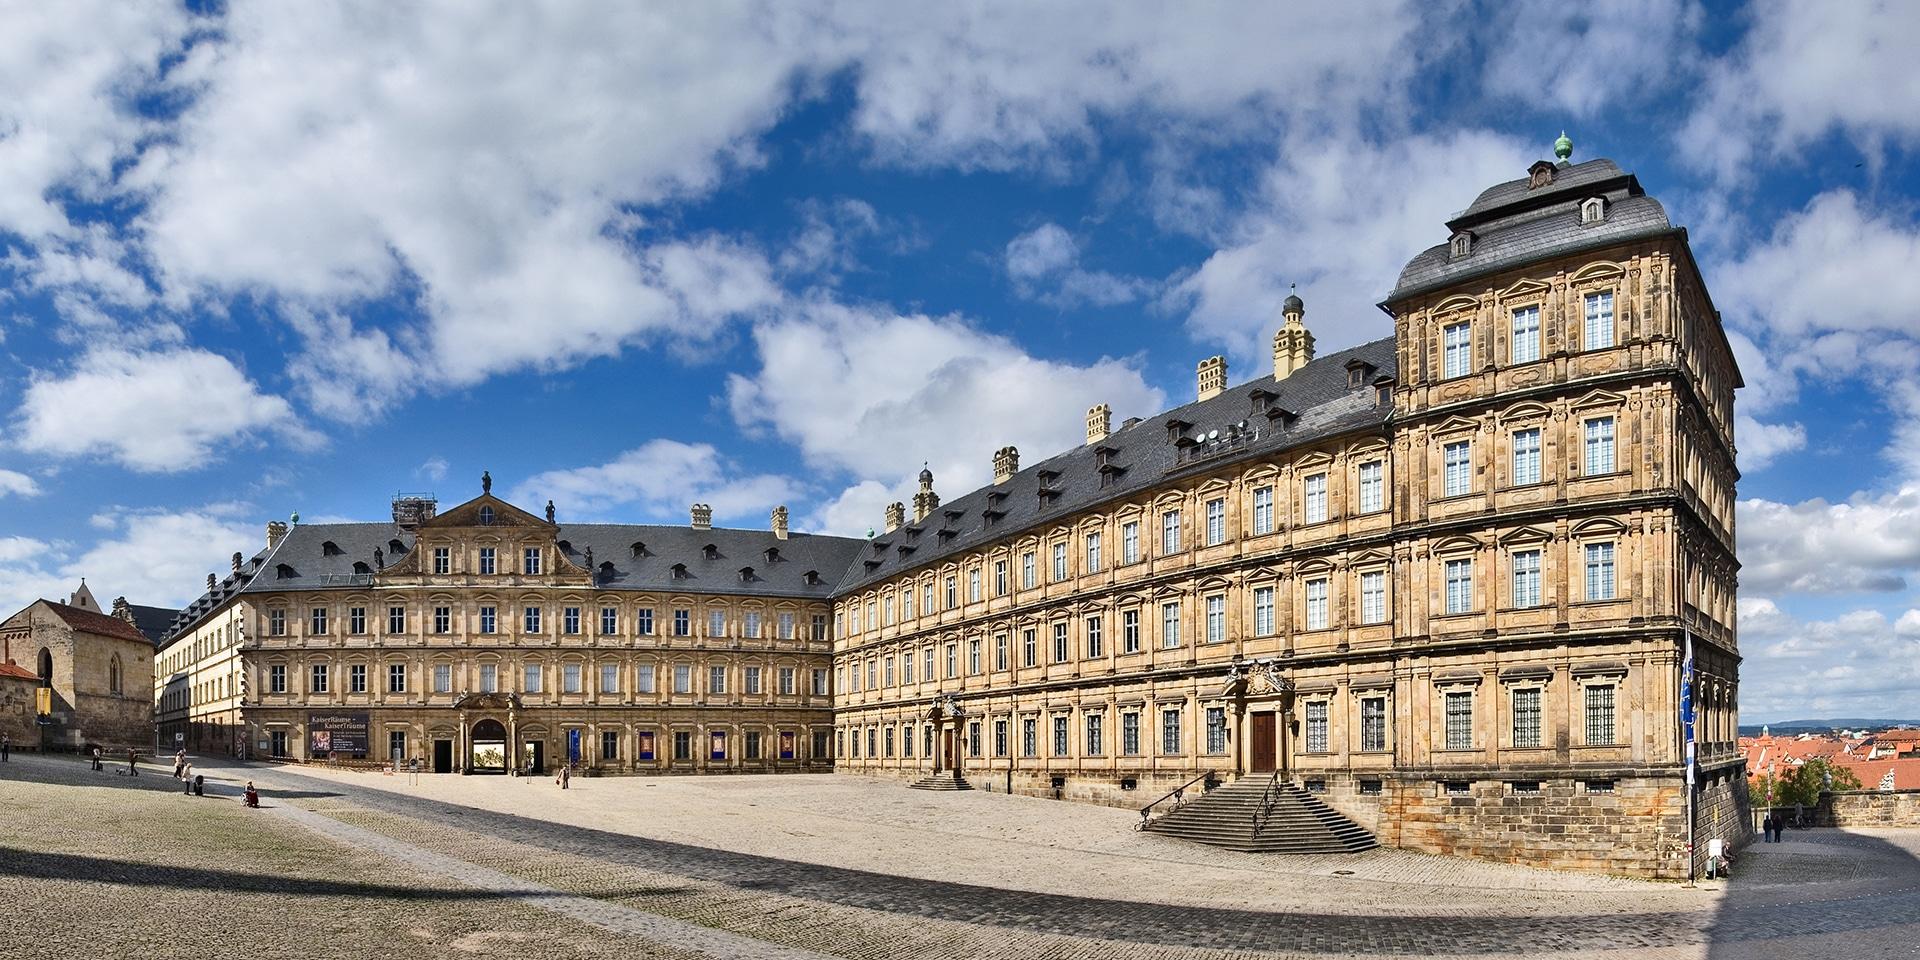 neue residenz bamberg - Neue Residenz